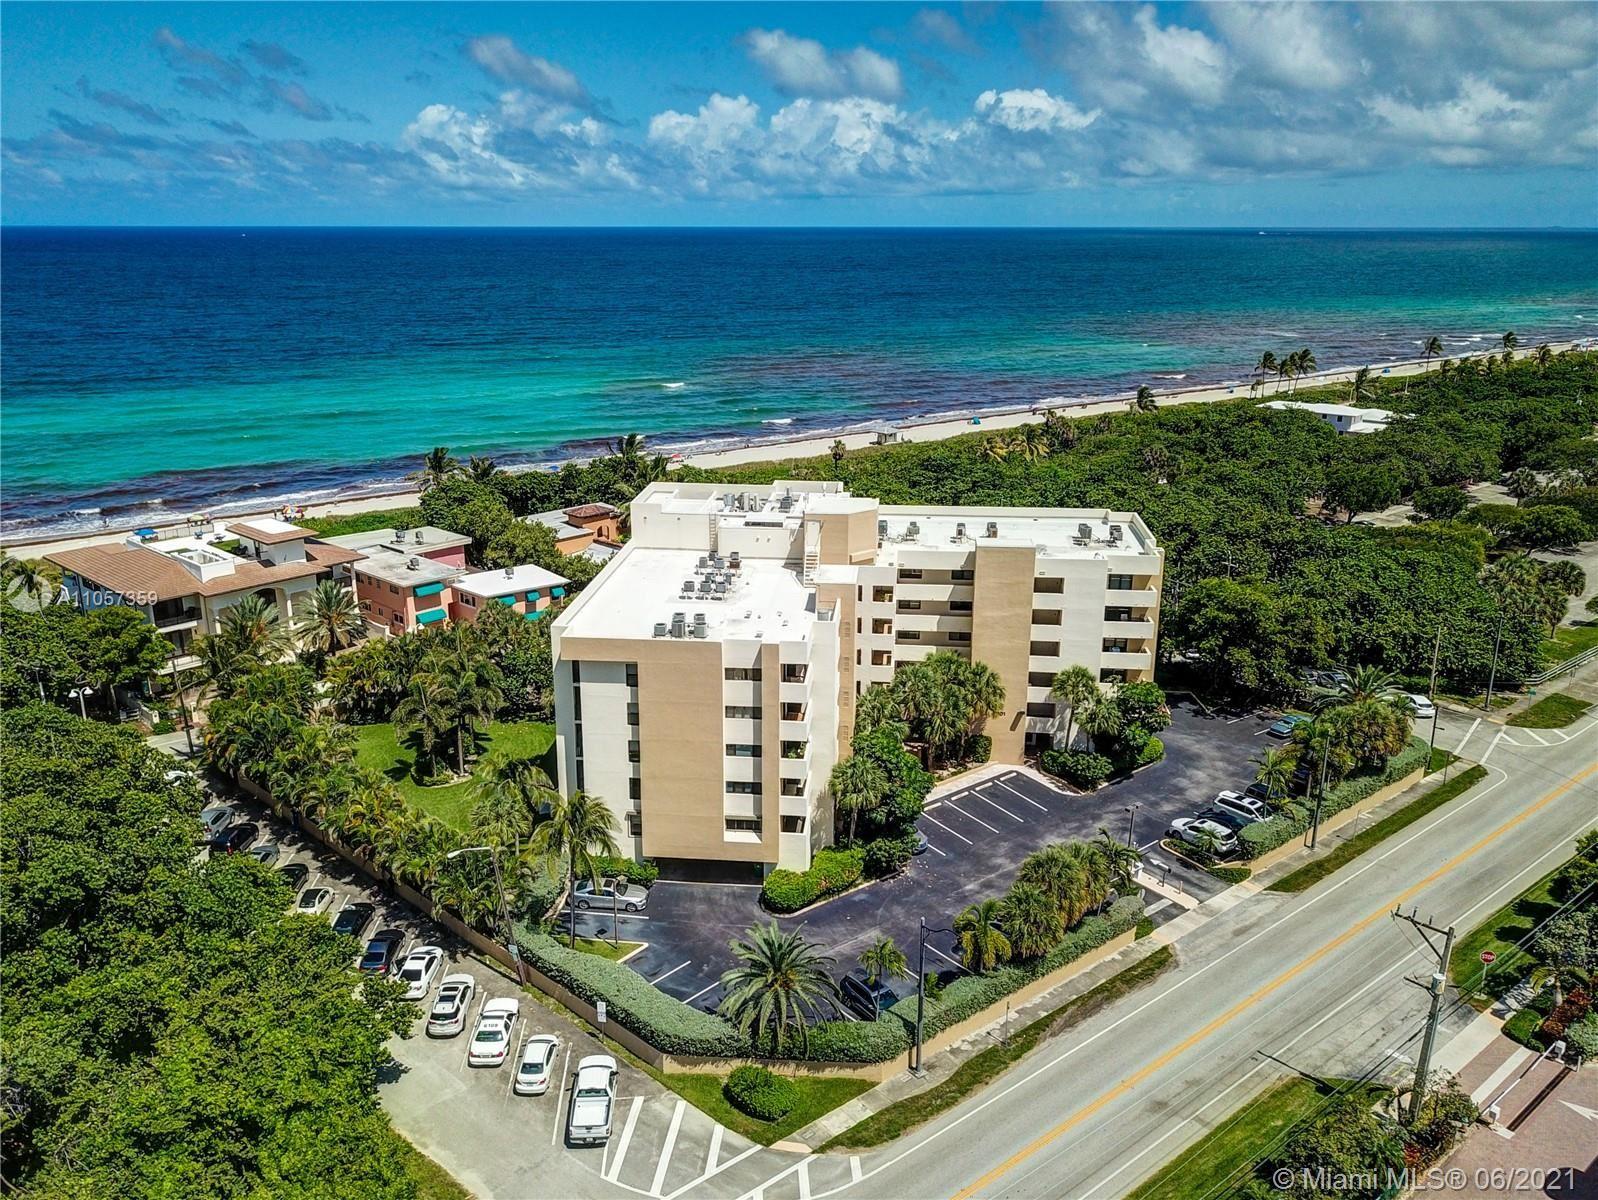 4201 N Ocean Dr #501, Hollywood, FL 33019 - #: A11057359